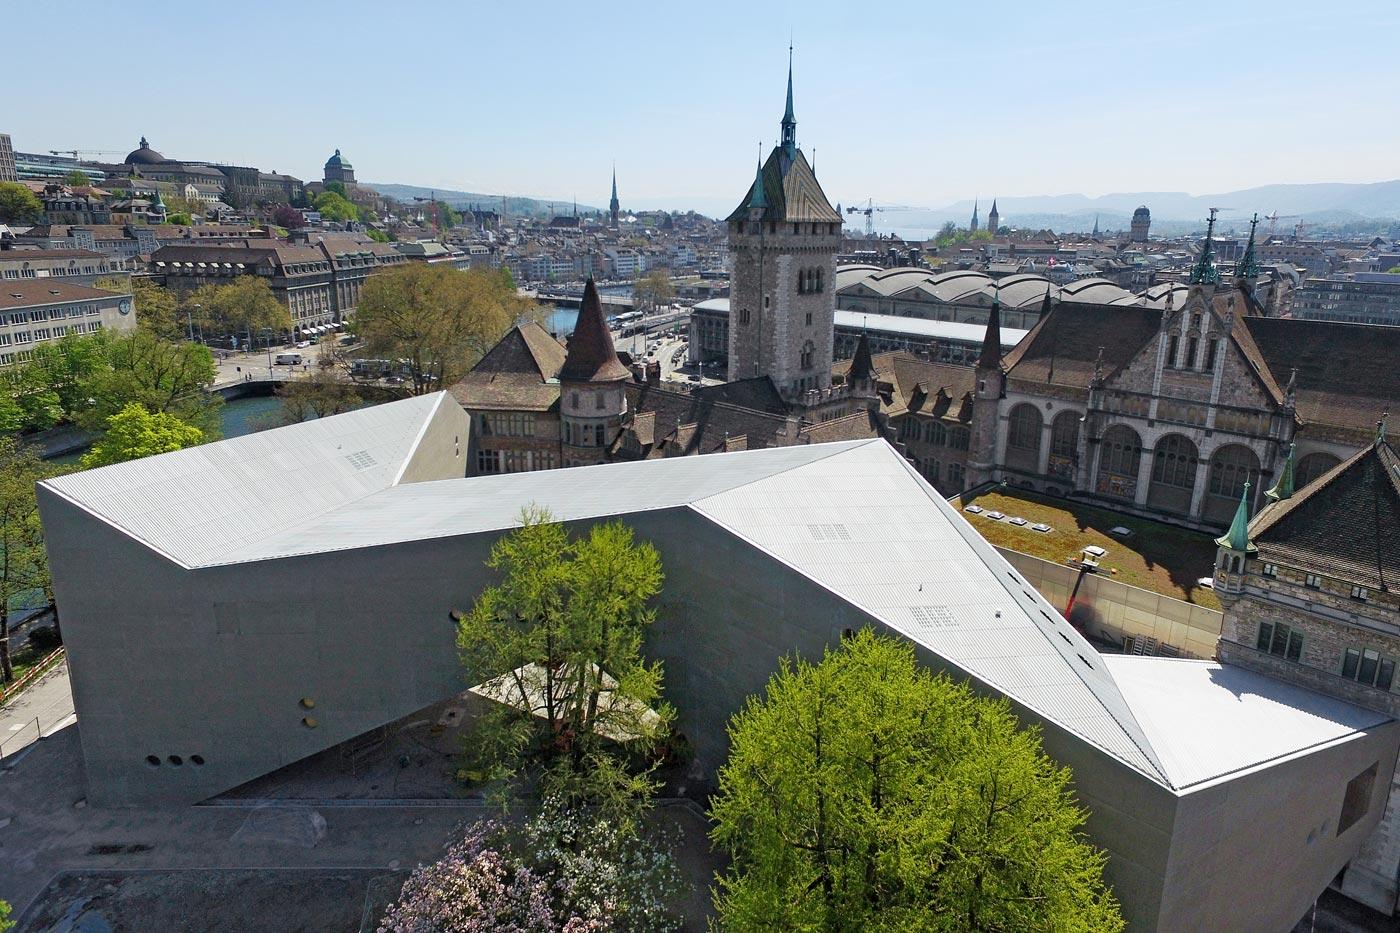 metallbau, spenglerarbeiten, blitzschutz, dachkonstruktion, flachdach, steildach